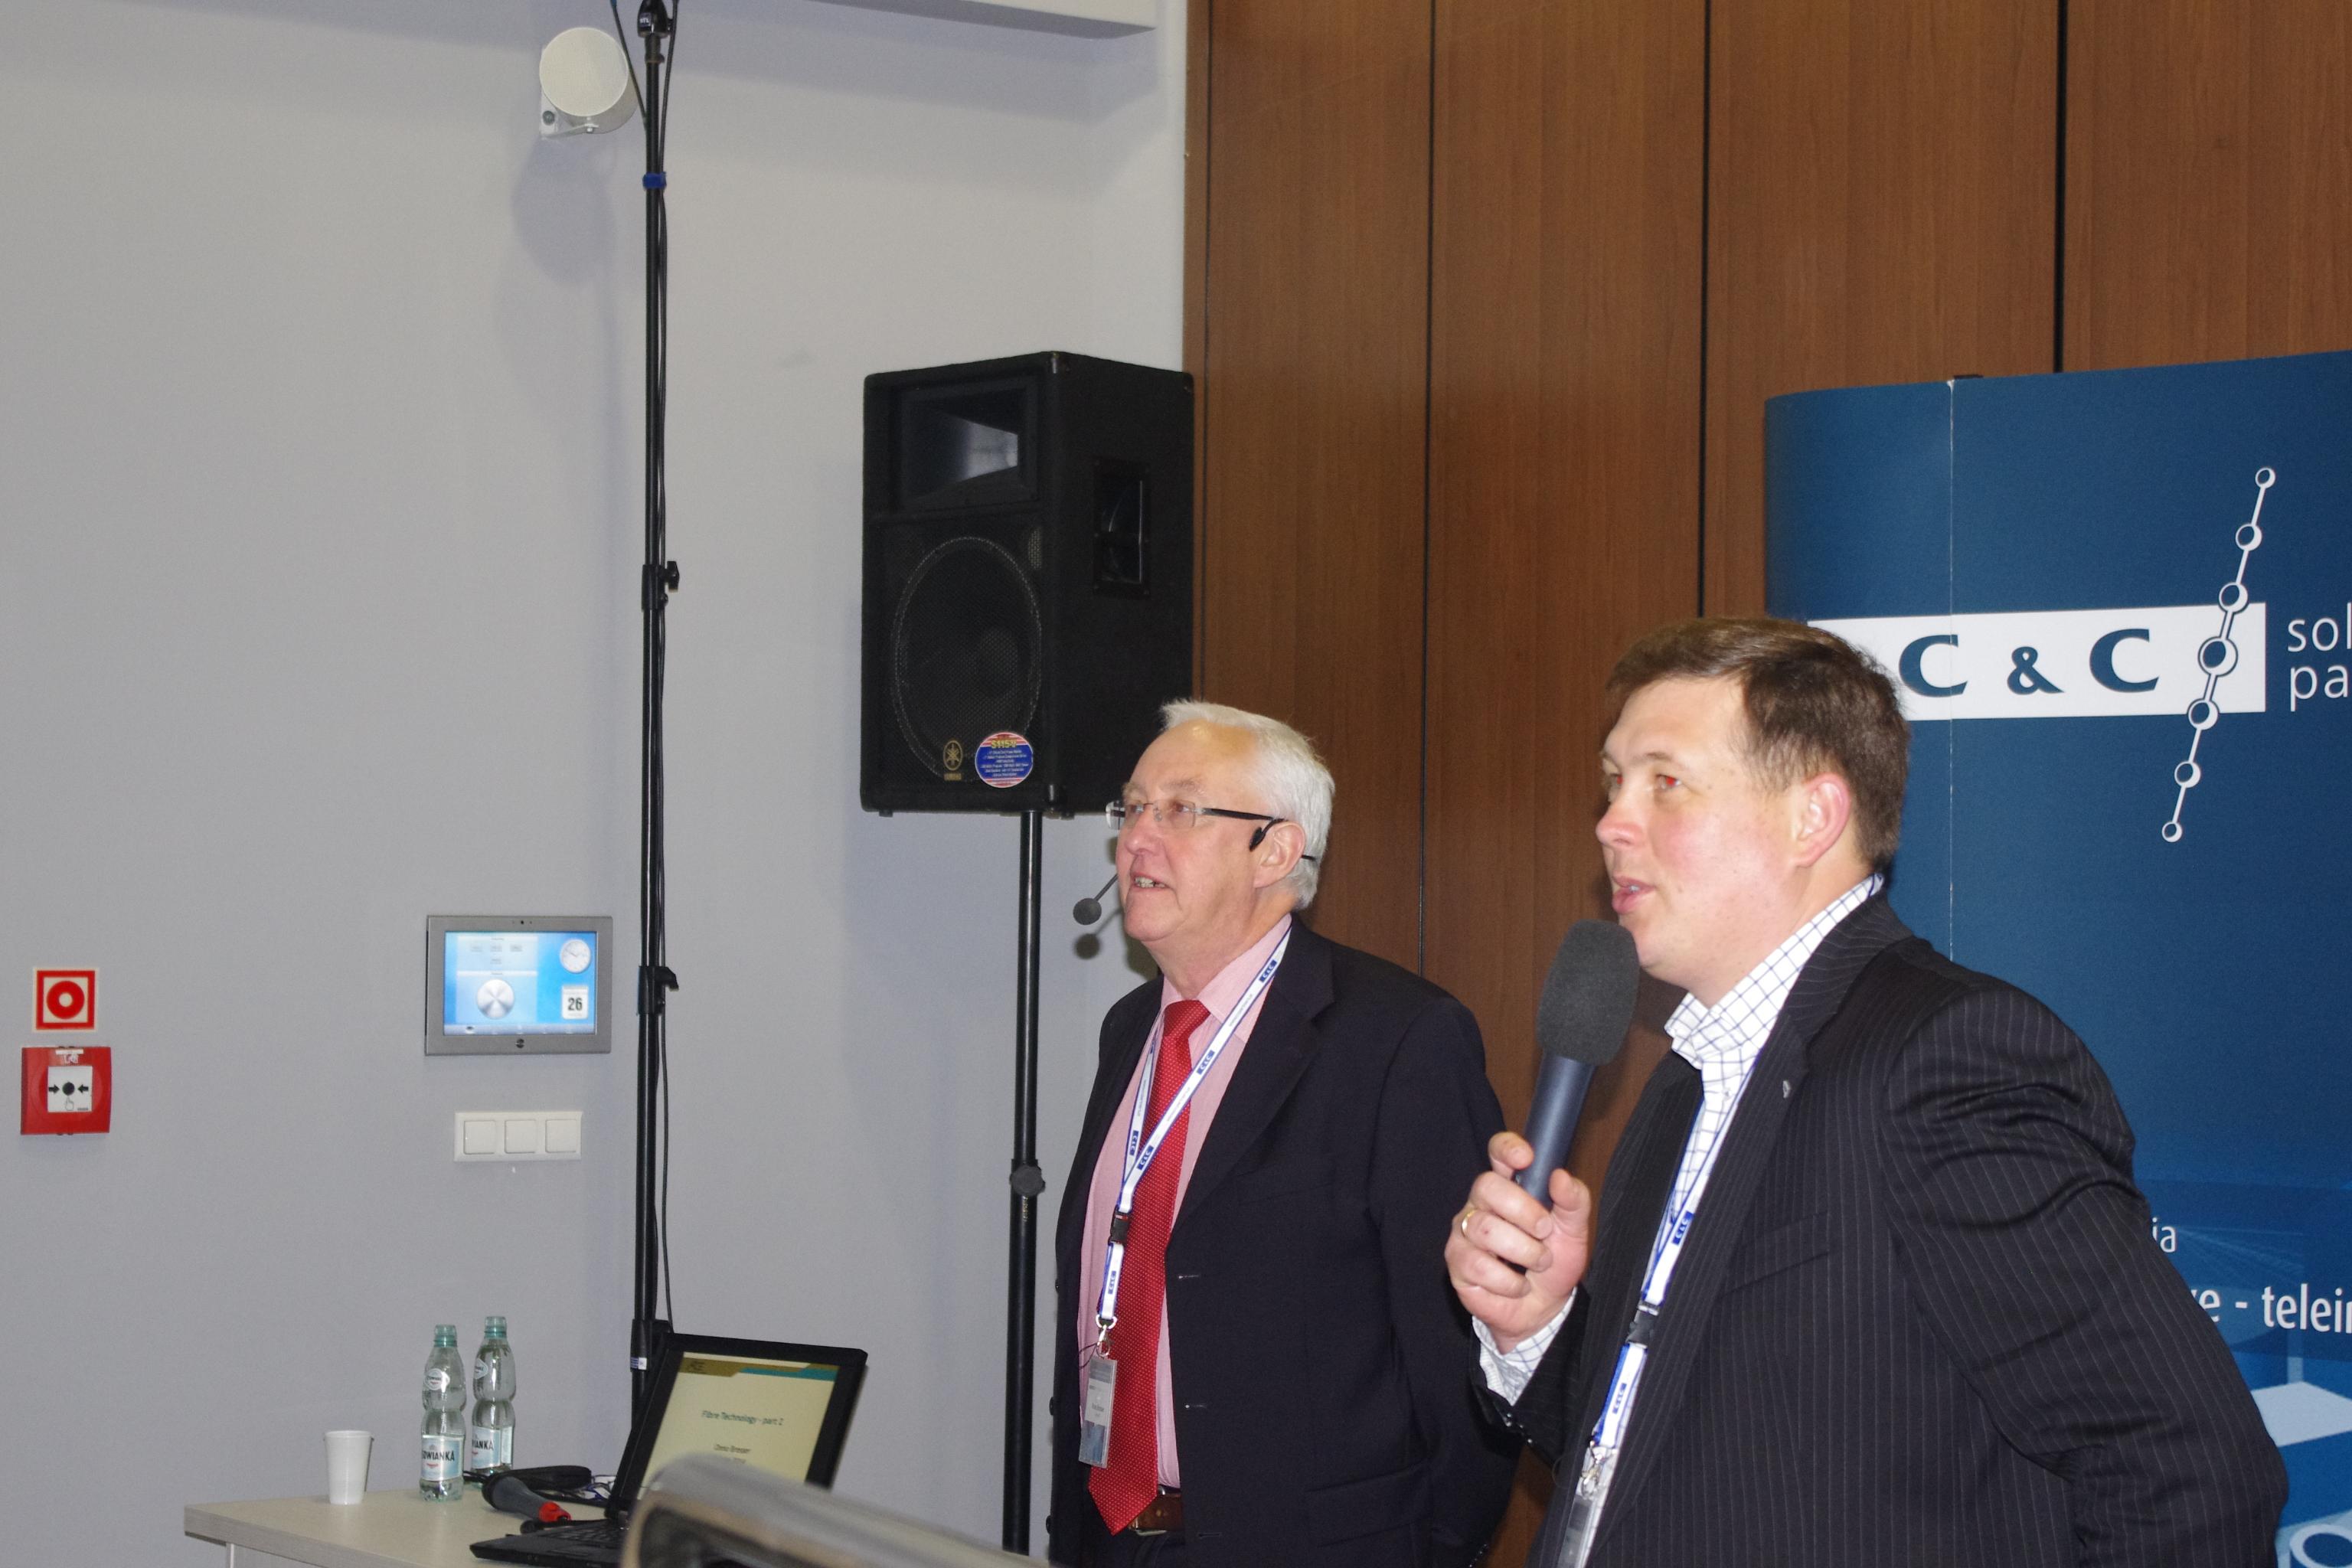 C&C Partners: nowości i trendy w światłowodach